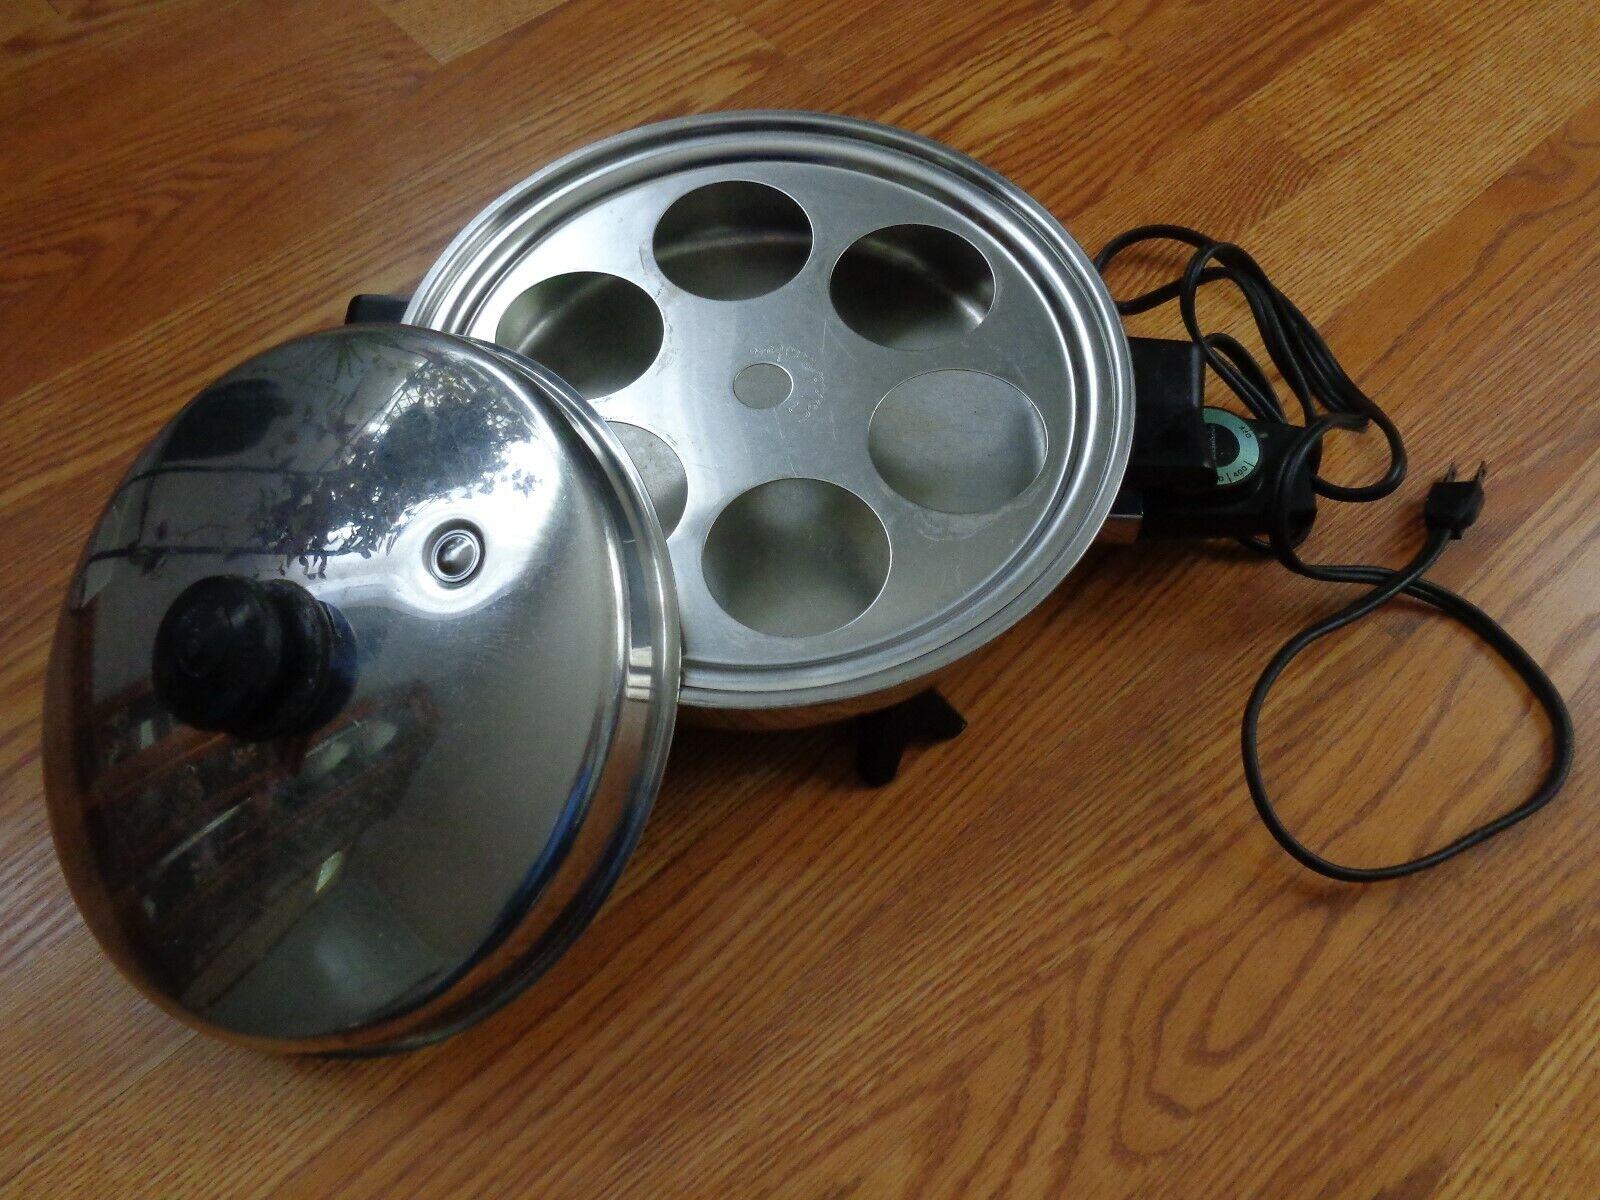 Saladmaster électrique Poêle 7817 Fry Pan 11  huile Core Waterless Cookware Couvercle